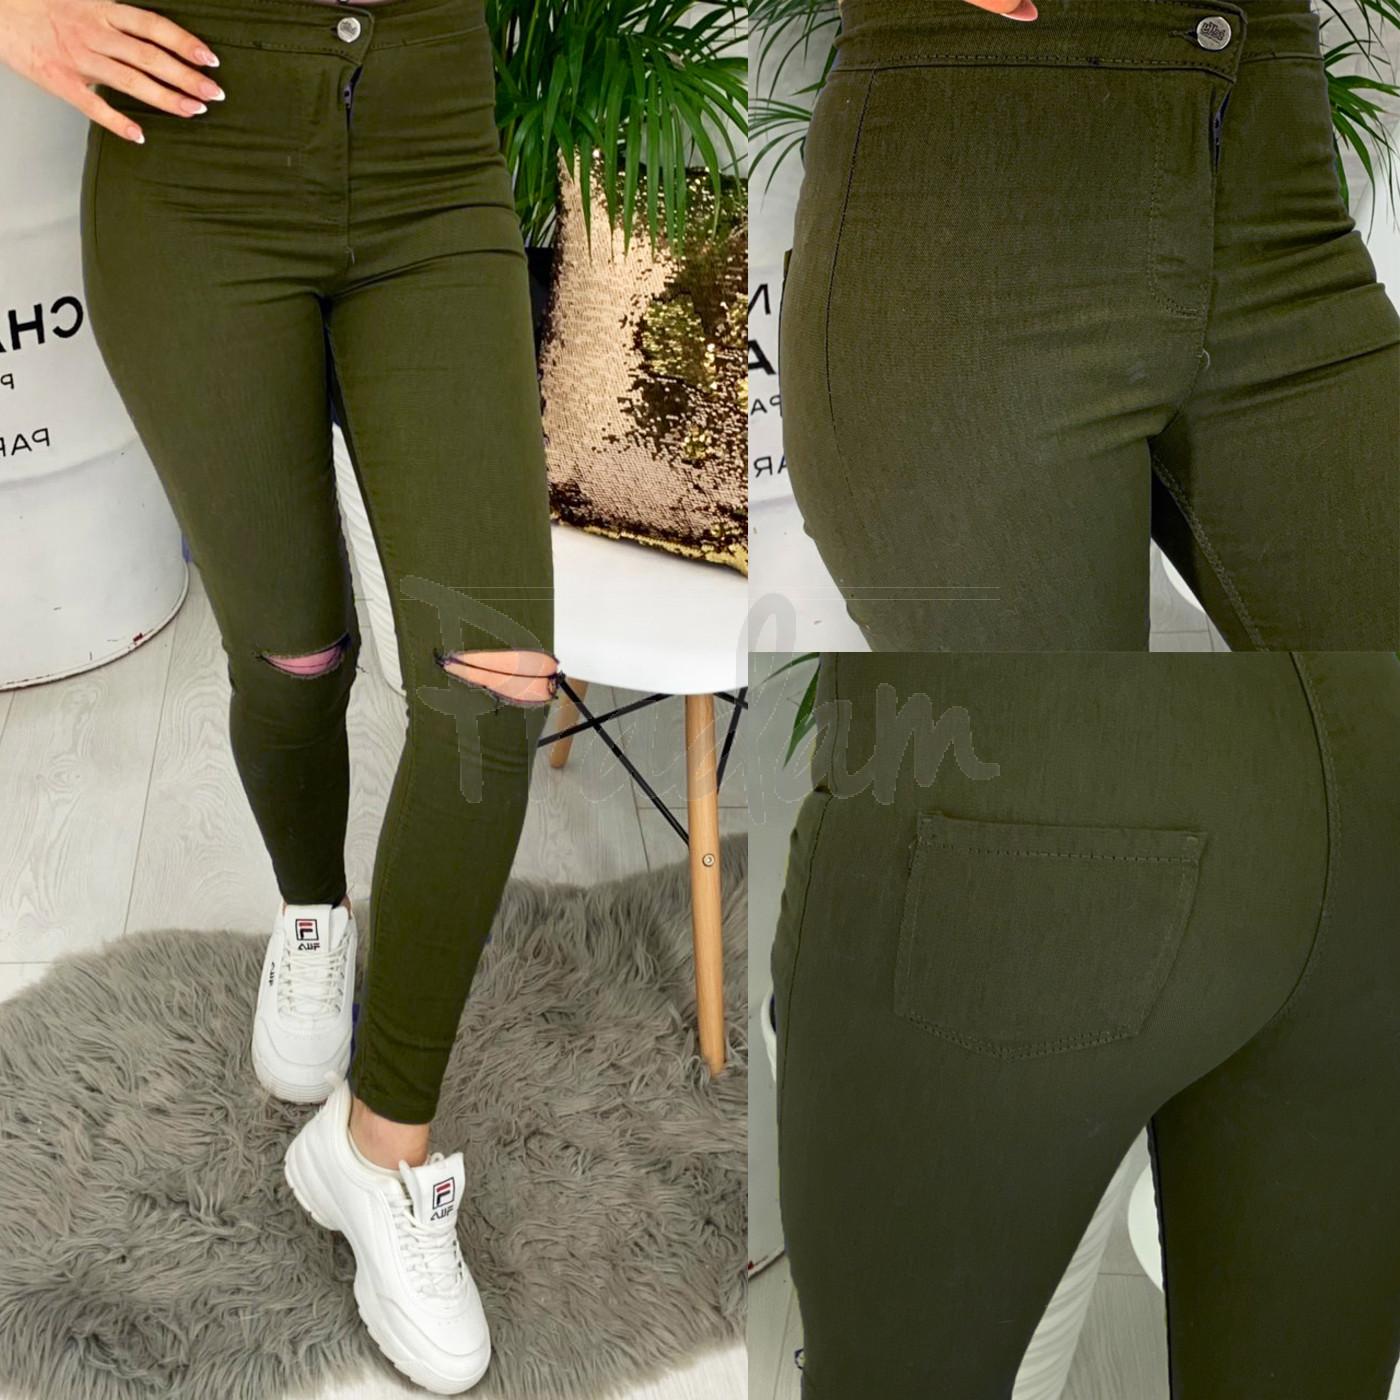 4000-06 TopShop хаки прорези Selfy женские джинсы без карманов с прорезями весенние стрейчевые (34-42, евро, 5 ед.)